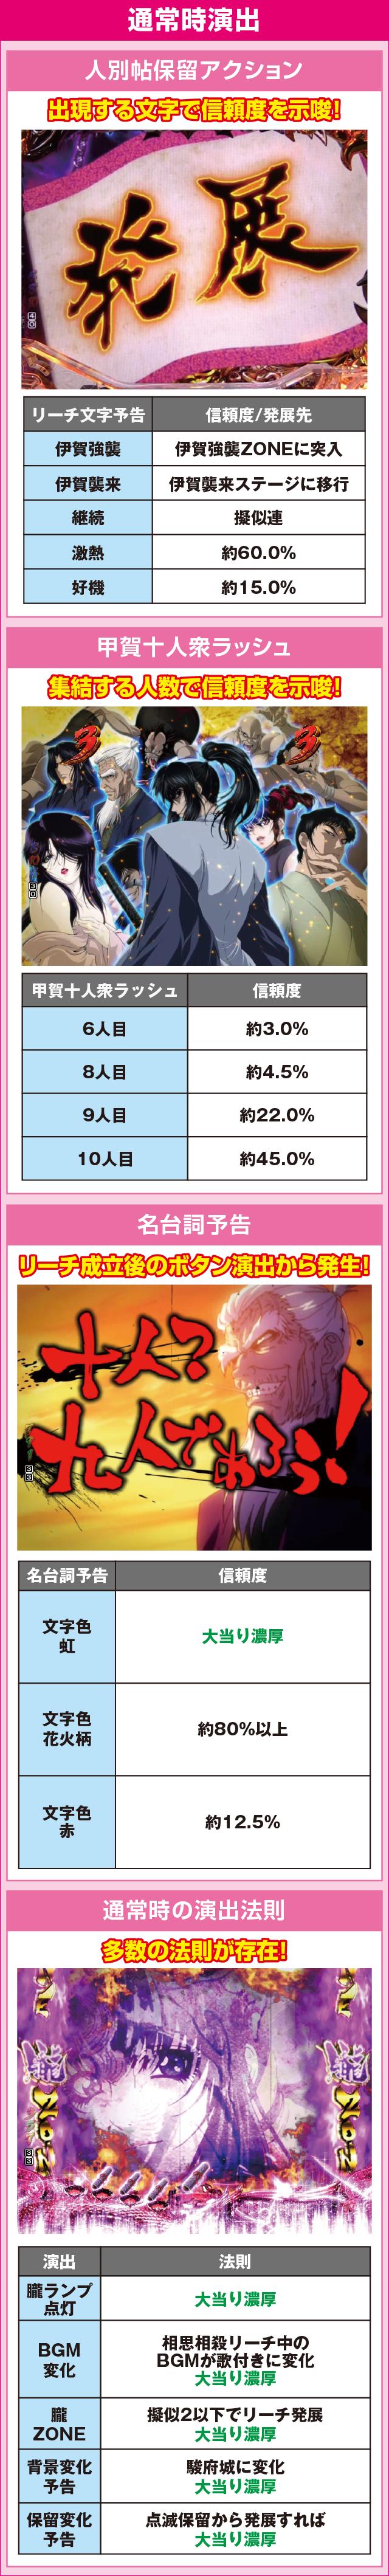 CRバジリスク~甲賀忍法帖~弦之介の章のピックアップポイント